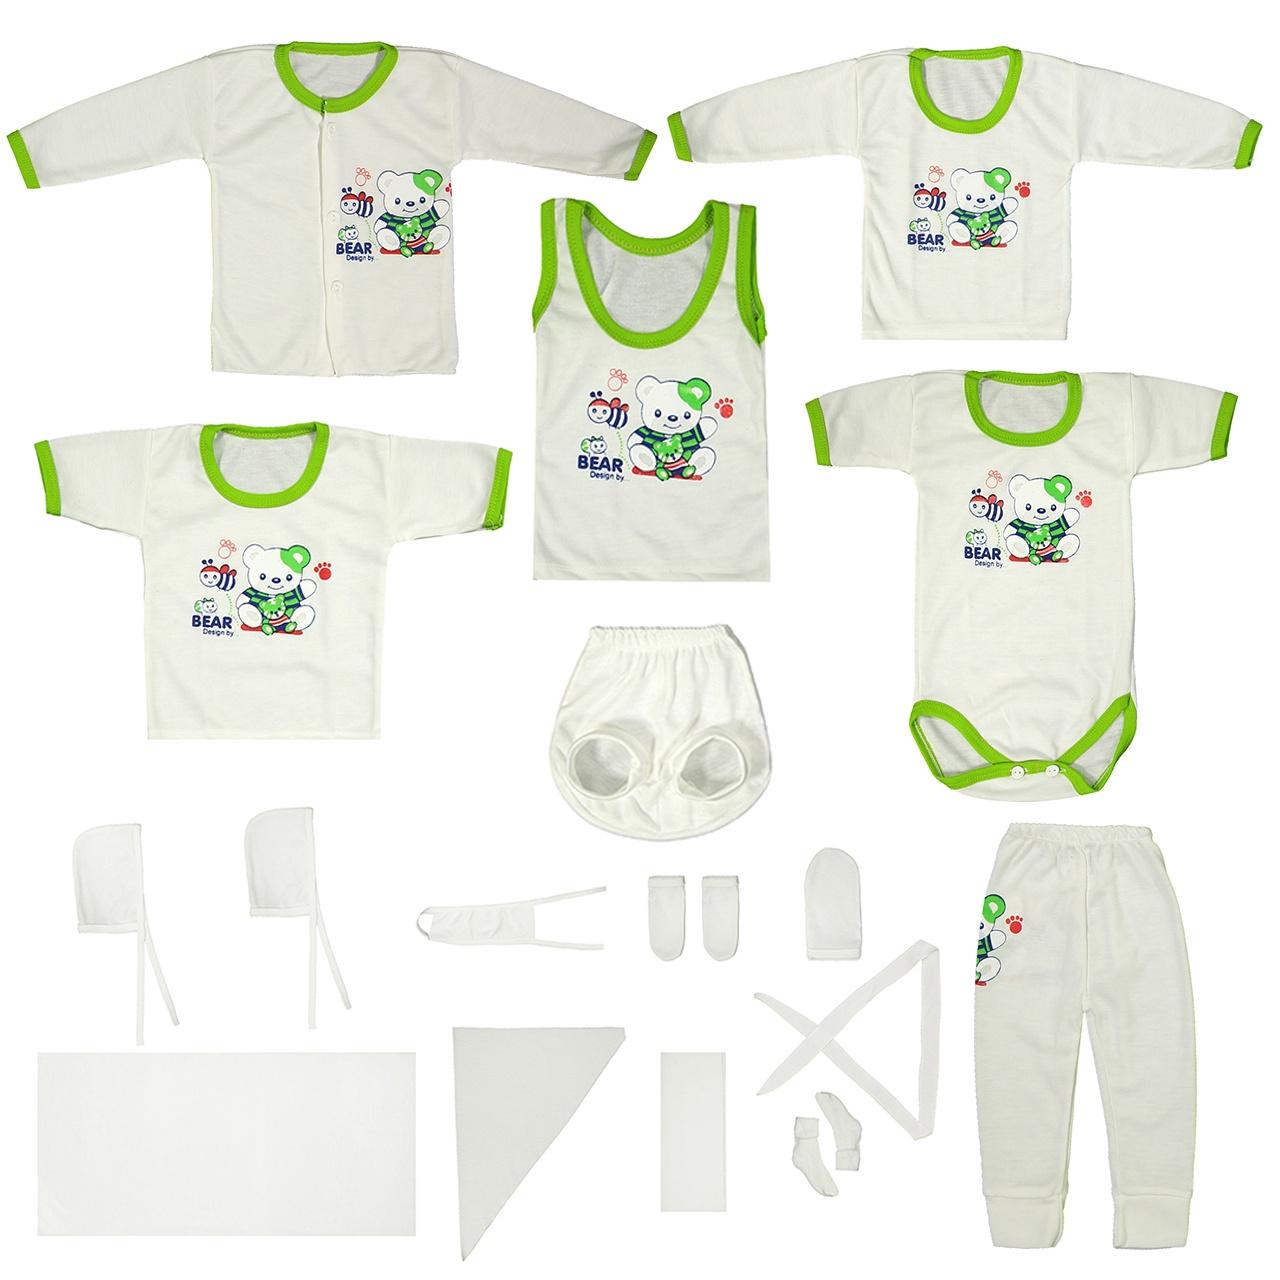 ست 20 تکه لباس نوزادی مینل کد S